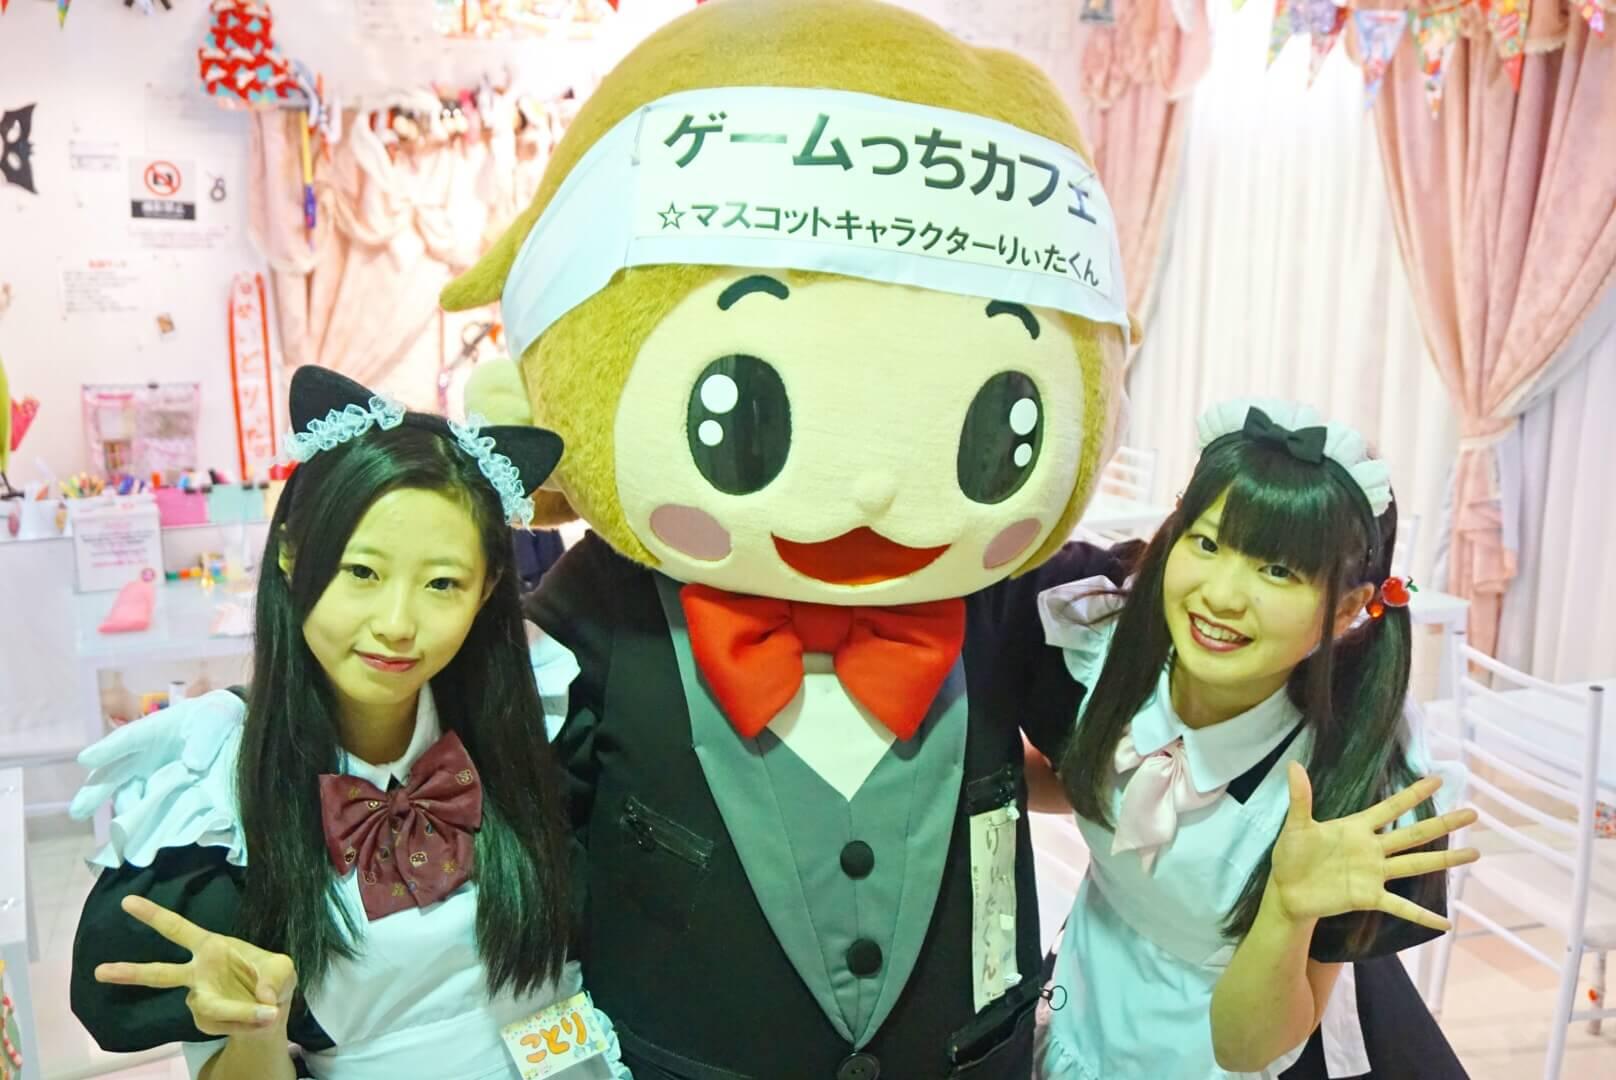 金沢唯一のメイド喫茶『めいどりぃた』で、その魅力を多分日本で1番詳しく検証してみた !! &『メイド募集中』だそうです